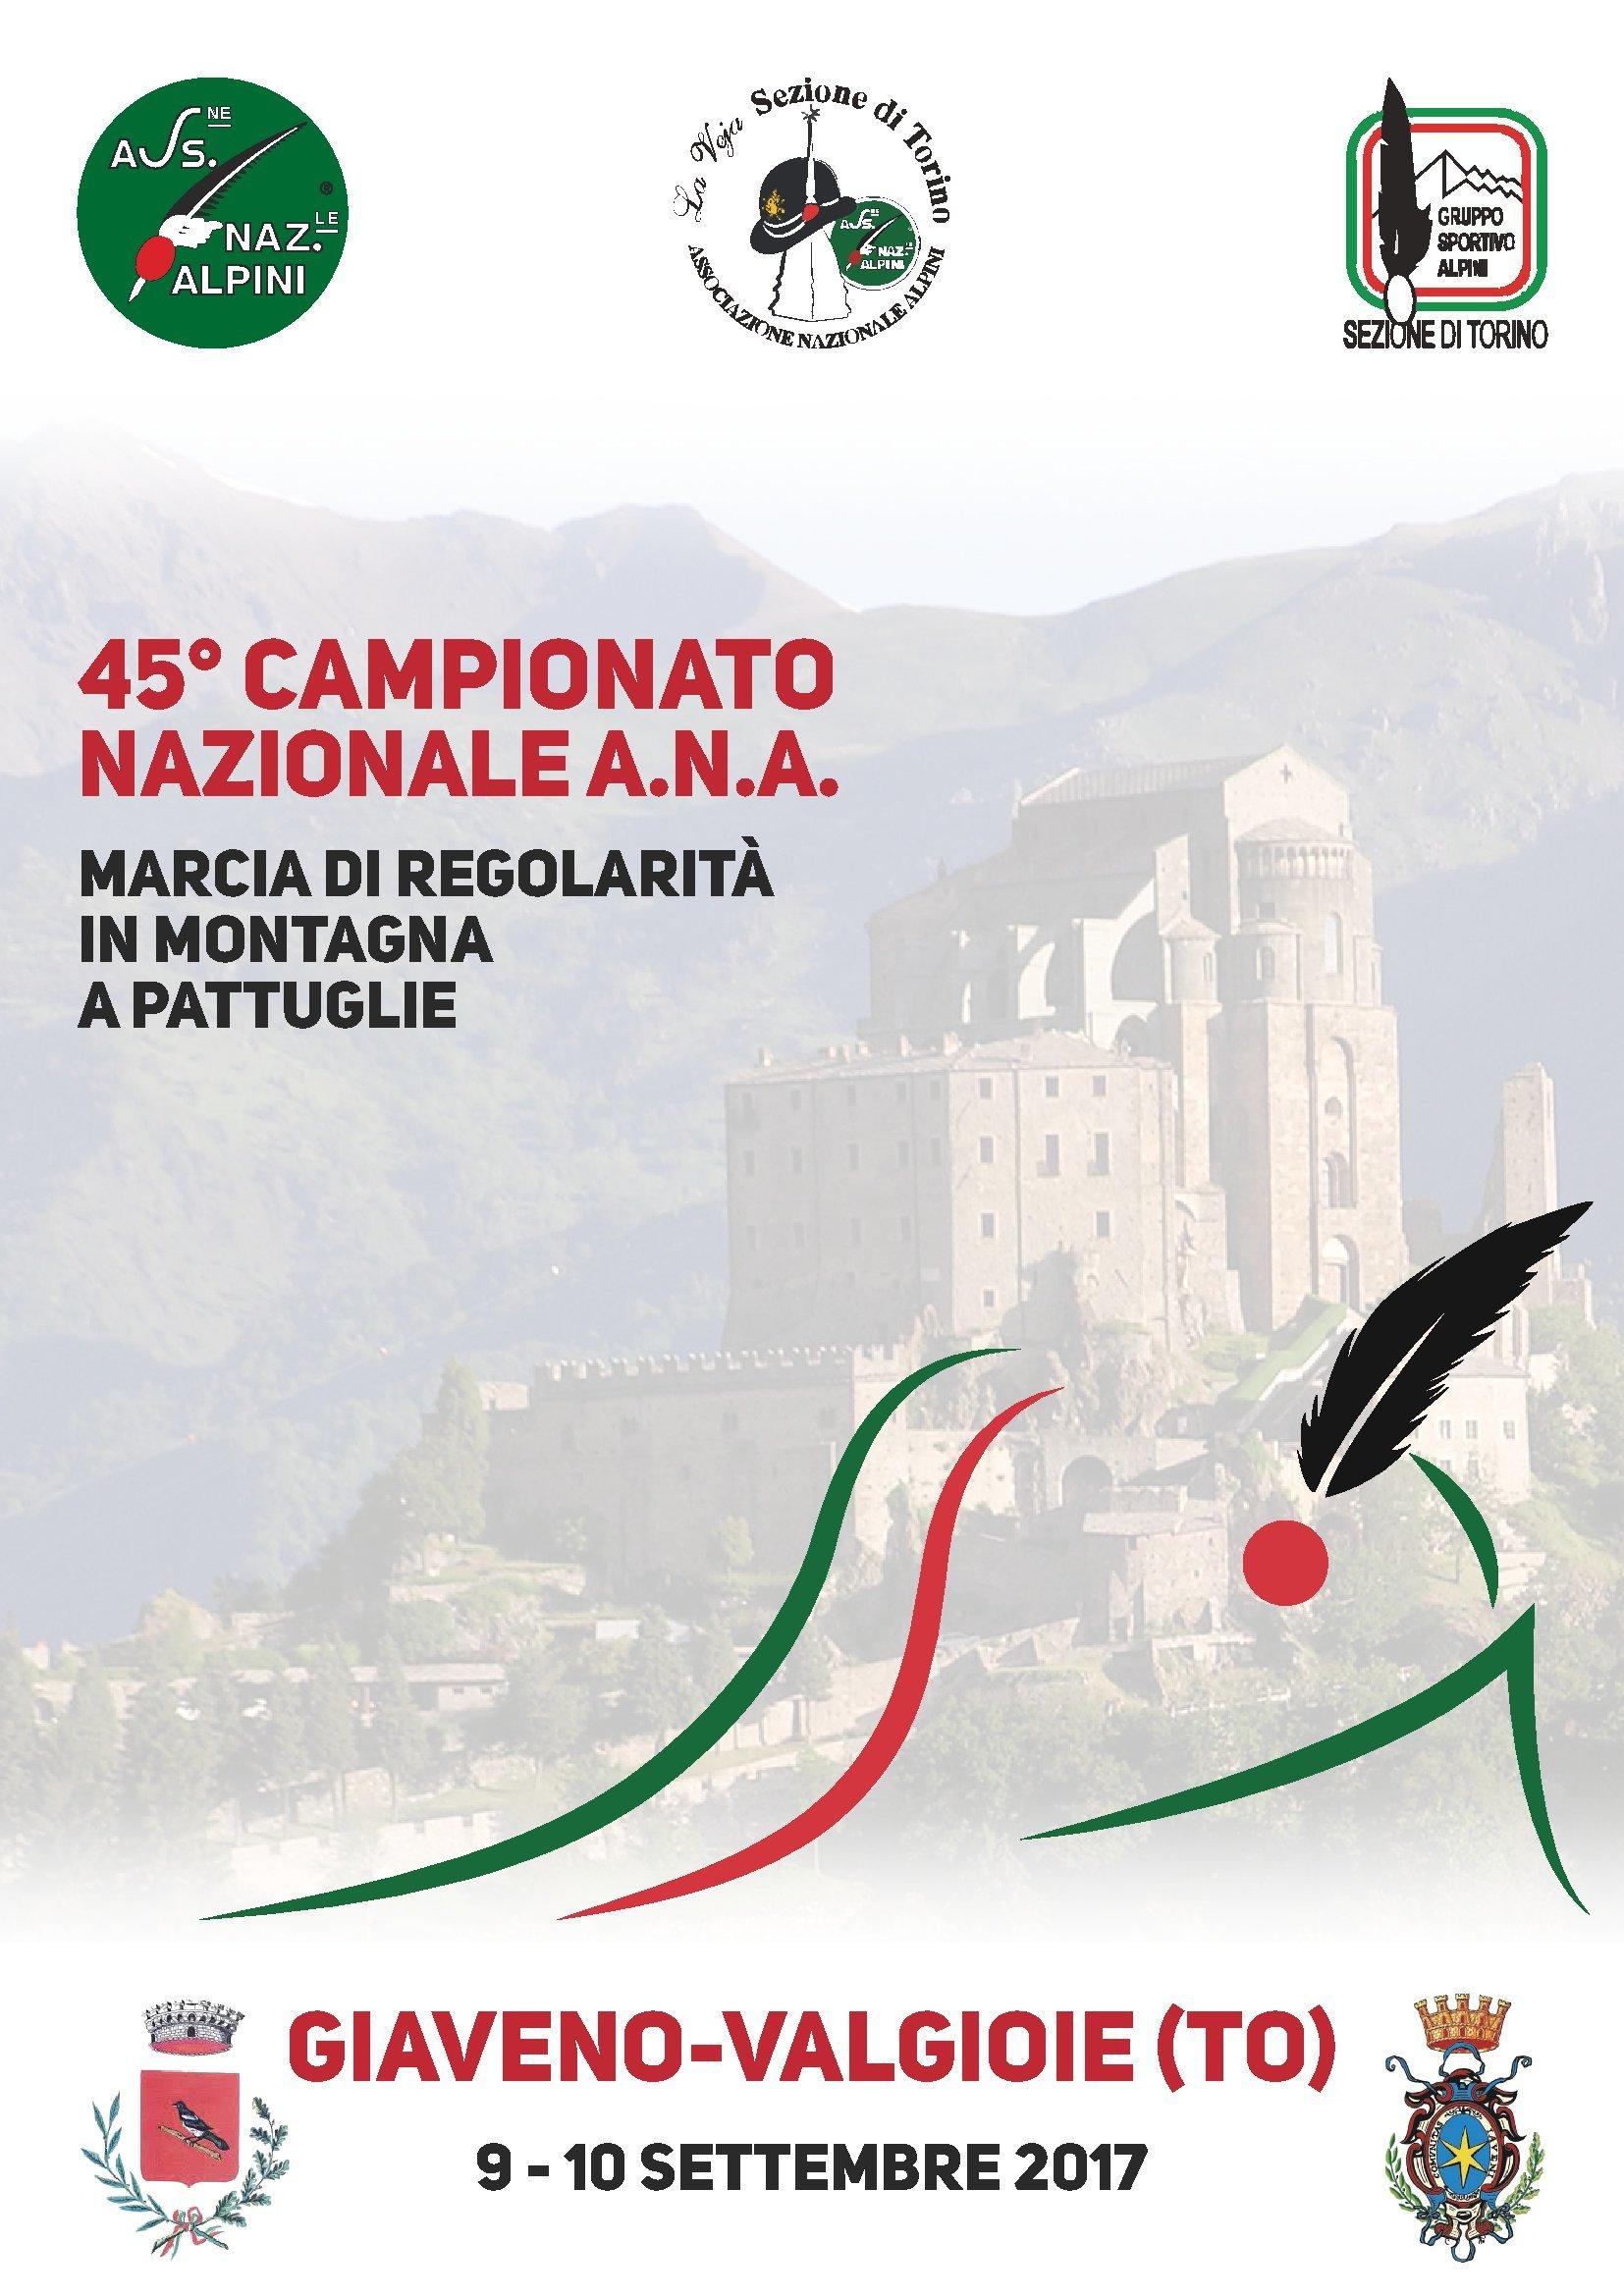 45° Campionato Nazionale A.N.A.  Marcia di regolarità in montagna a pattuglie – 9 e 10 settembre 2017